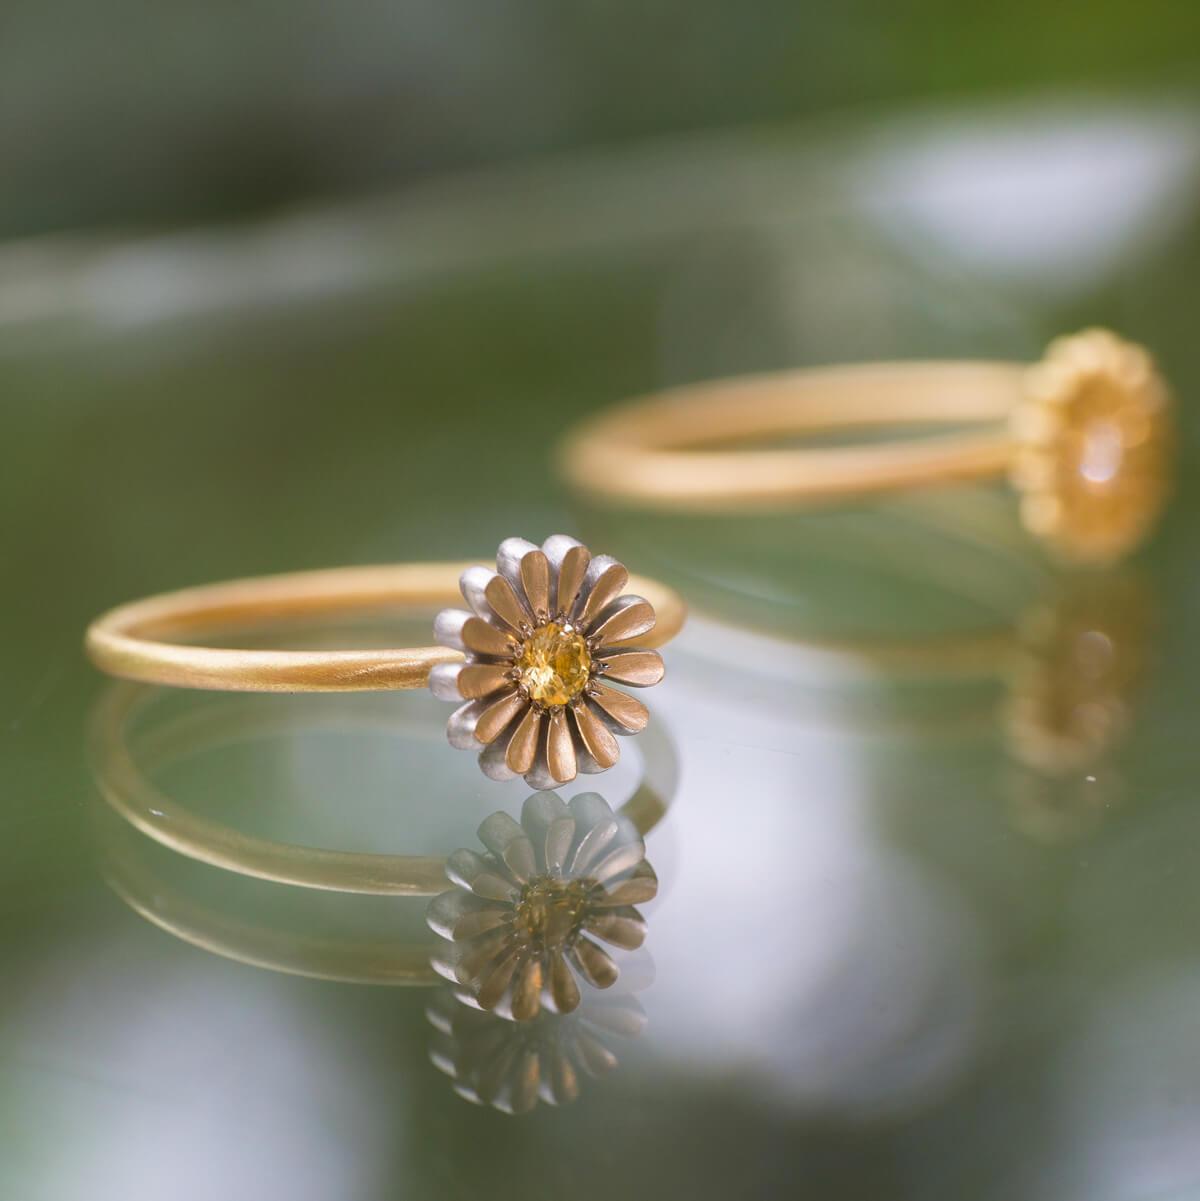 屋久島しずくギャラリーのディスプレイ お花の指輪 ゴールド、プラチナ、ダイヤモンド 屋久島でつくる結婚指輪